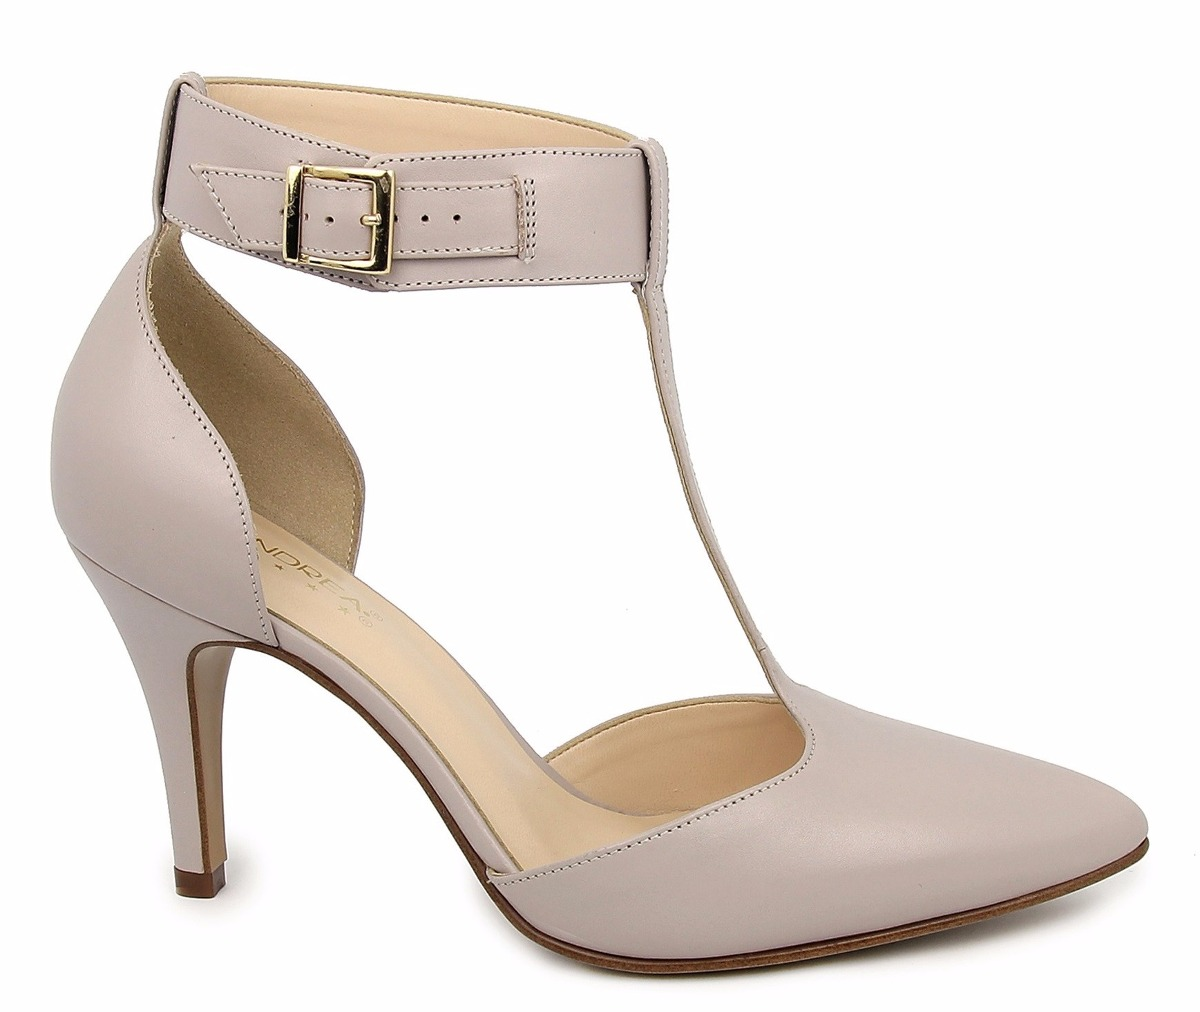 Zapatos Zapatillas Andrea Grises De Piel Tacon Bajito